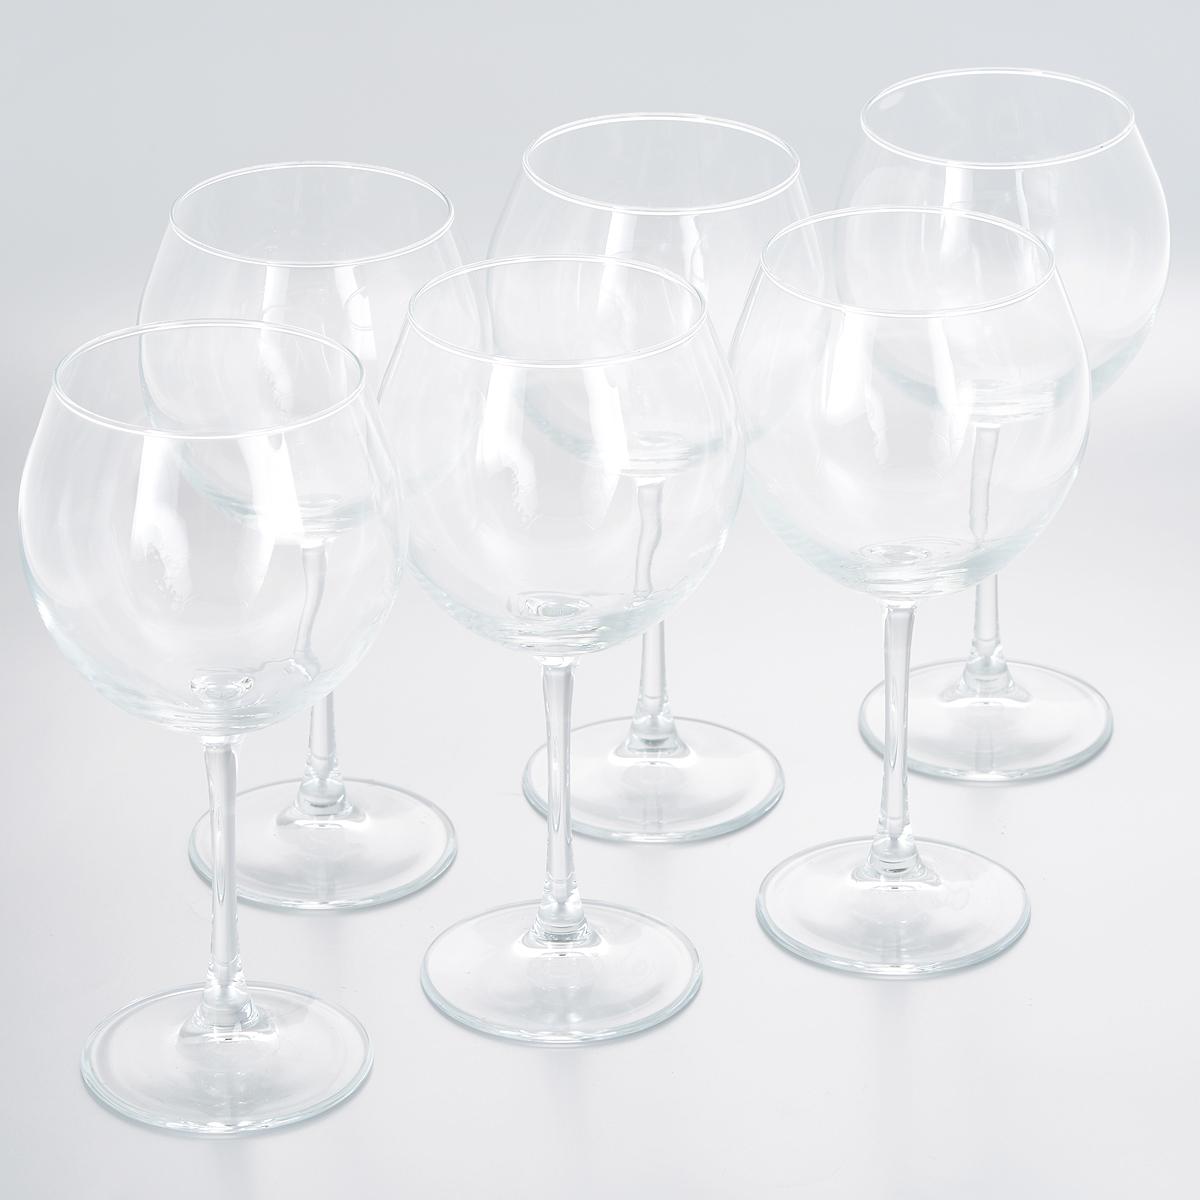 Набор фужеров для вина Pasabahce Enoteca, 630 мл, 6 шт44238BНабор Pasabahce Enoteca состоит из шести фужеров на длинных ножках, выполненных из прочного натрий-кальций-силикатного стекла. Фужеры излучают приятный блеск и издают мелодичный звон. Предназначены для красного и белого вина. Набор фужеров Pasabahce Enoteca прекрасно оформит праздничный стол и станет хорошим подарком к любому случаю. Можно мыть в посудомоечной машине и использовать в микроволновой печи.